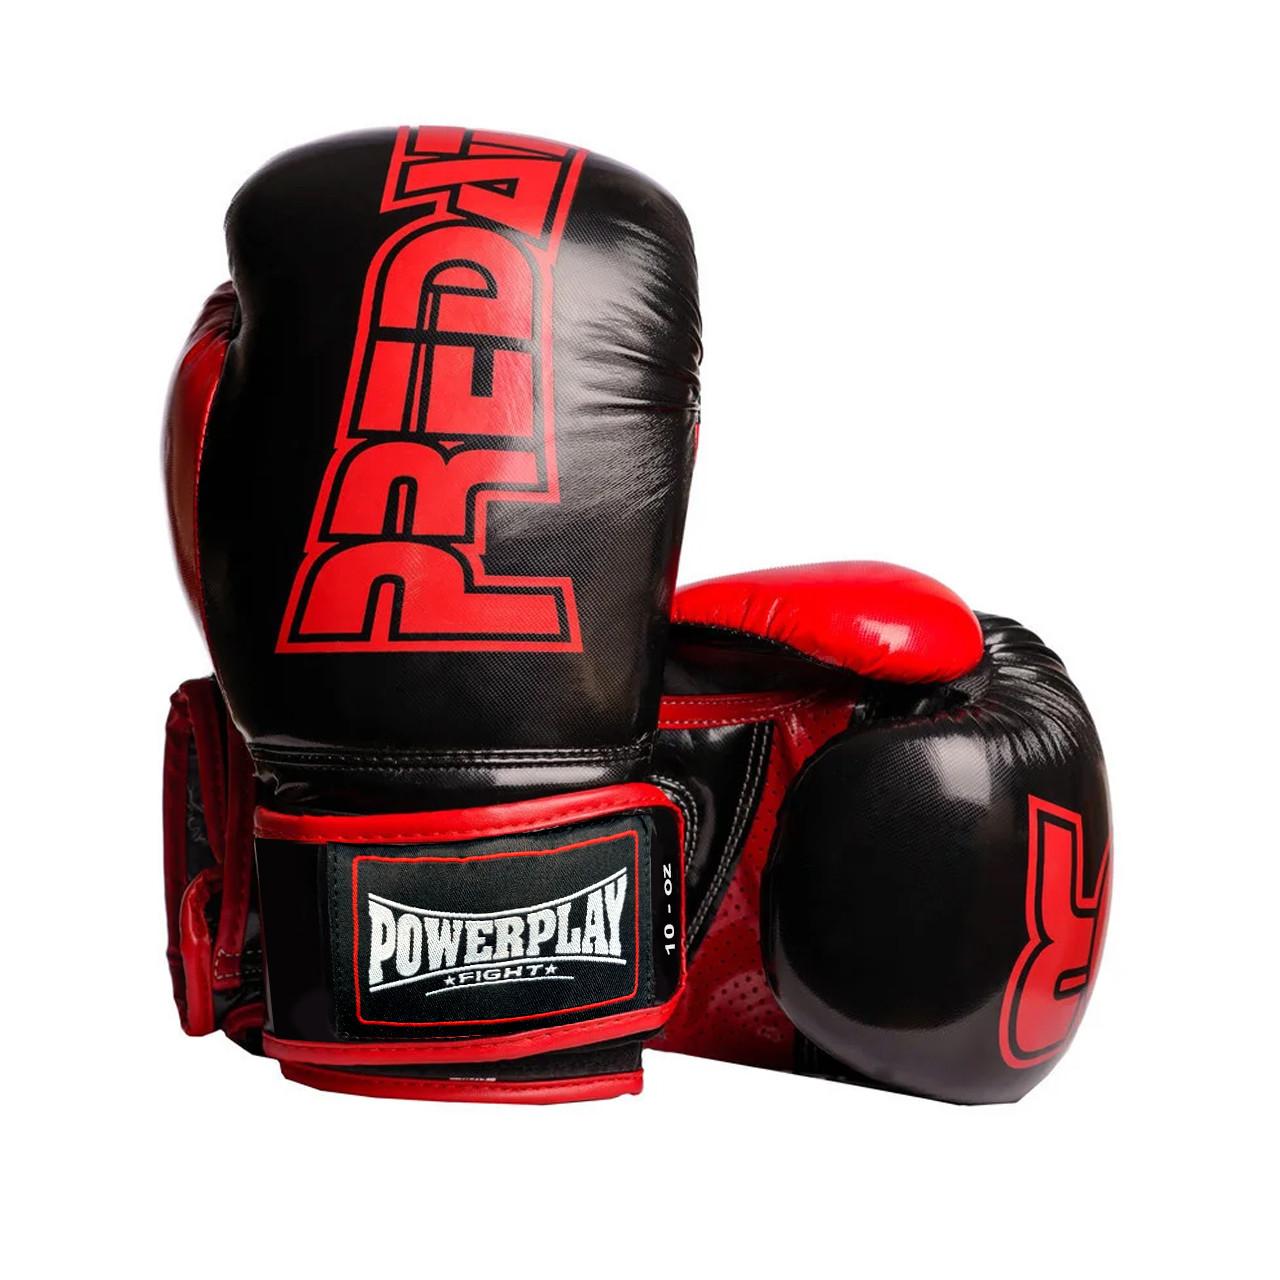 Боксерские перчатки PowerPlay 3017 черные карбон 10 унций